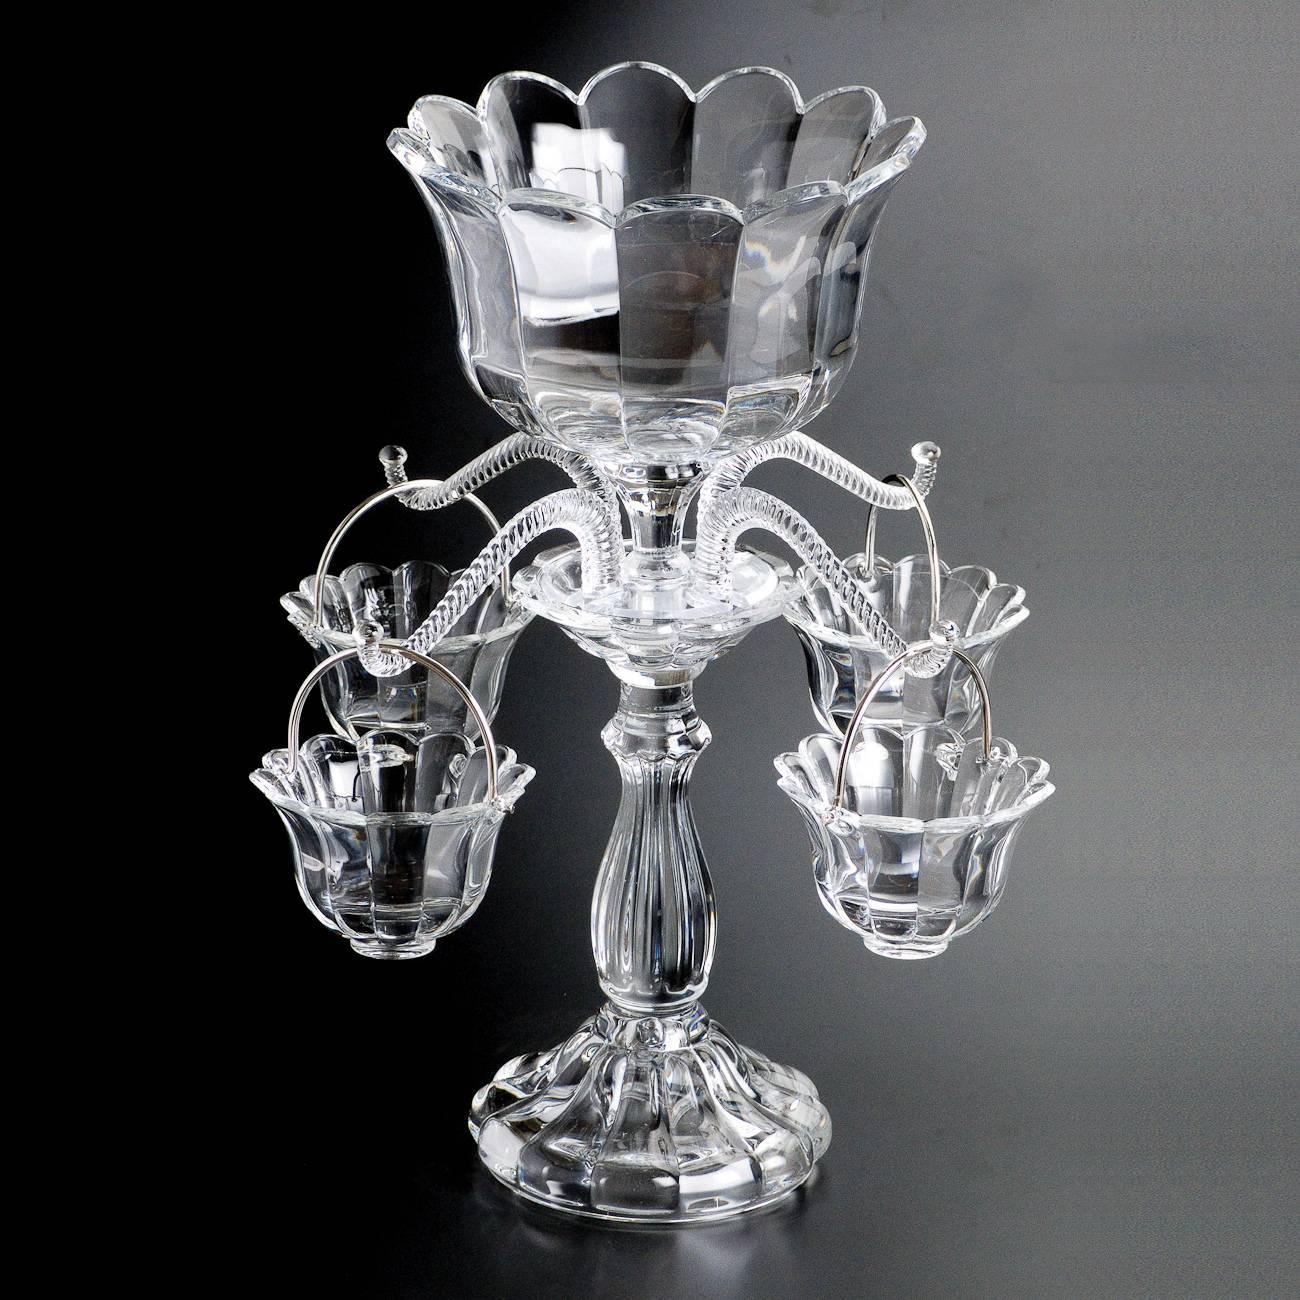 Suporte para Flores em Forma de Castiçal - Bohemia Crystalite